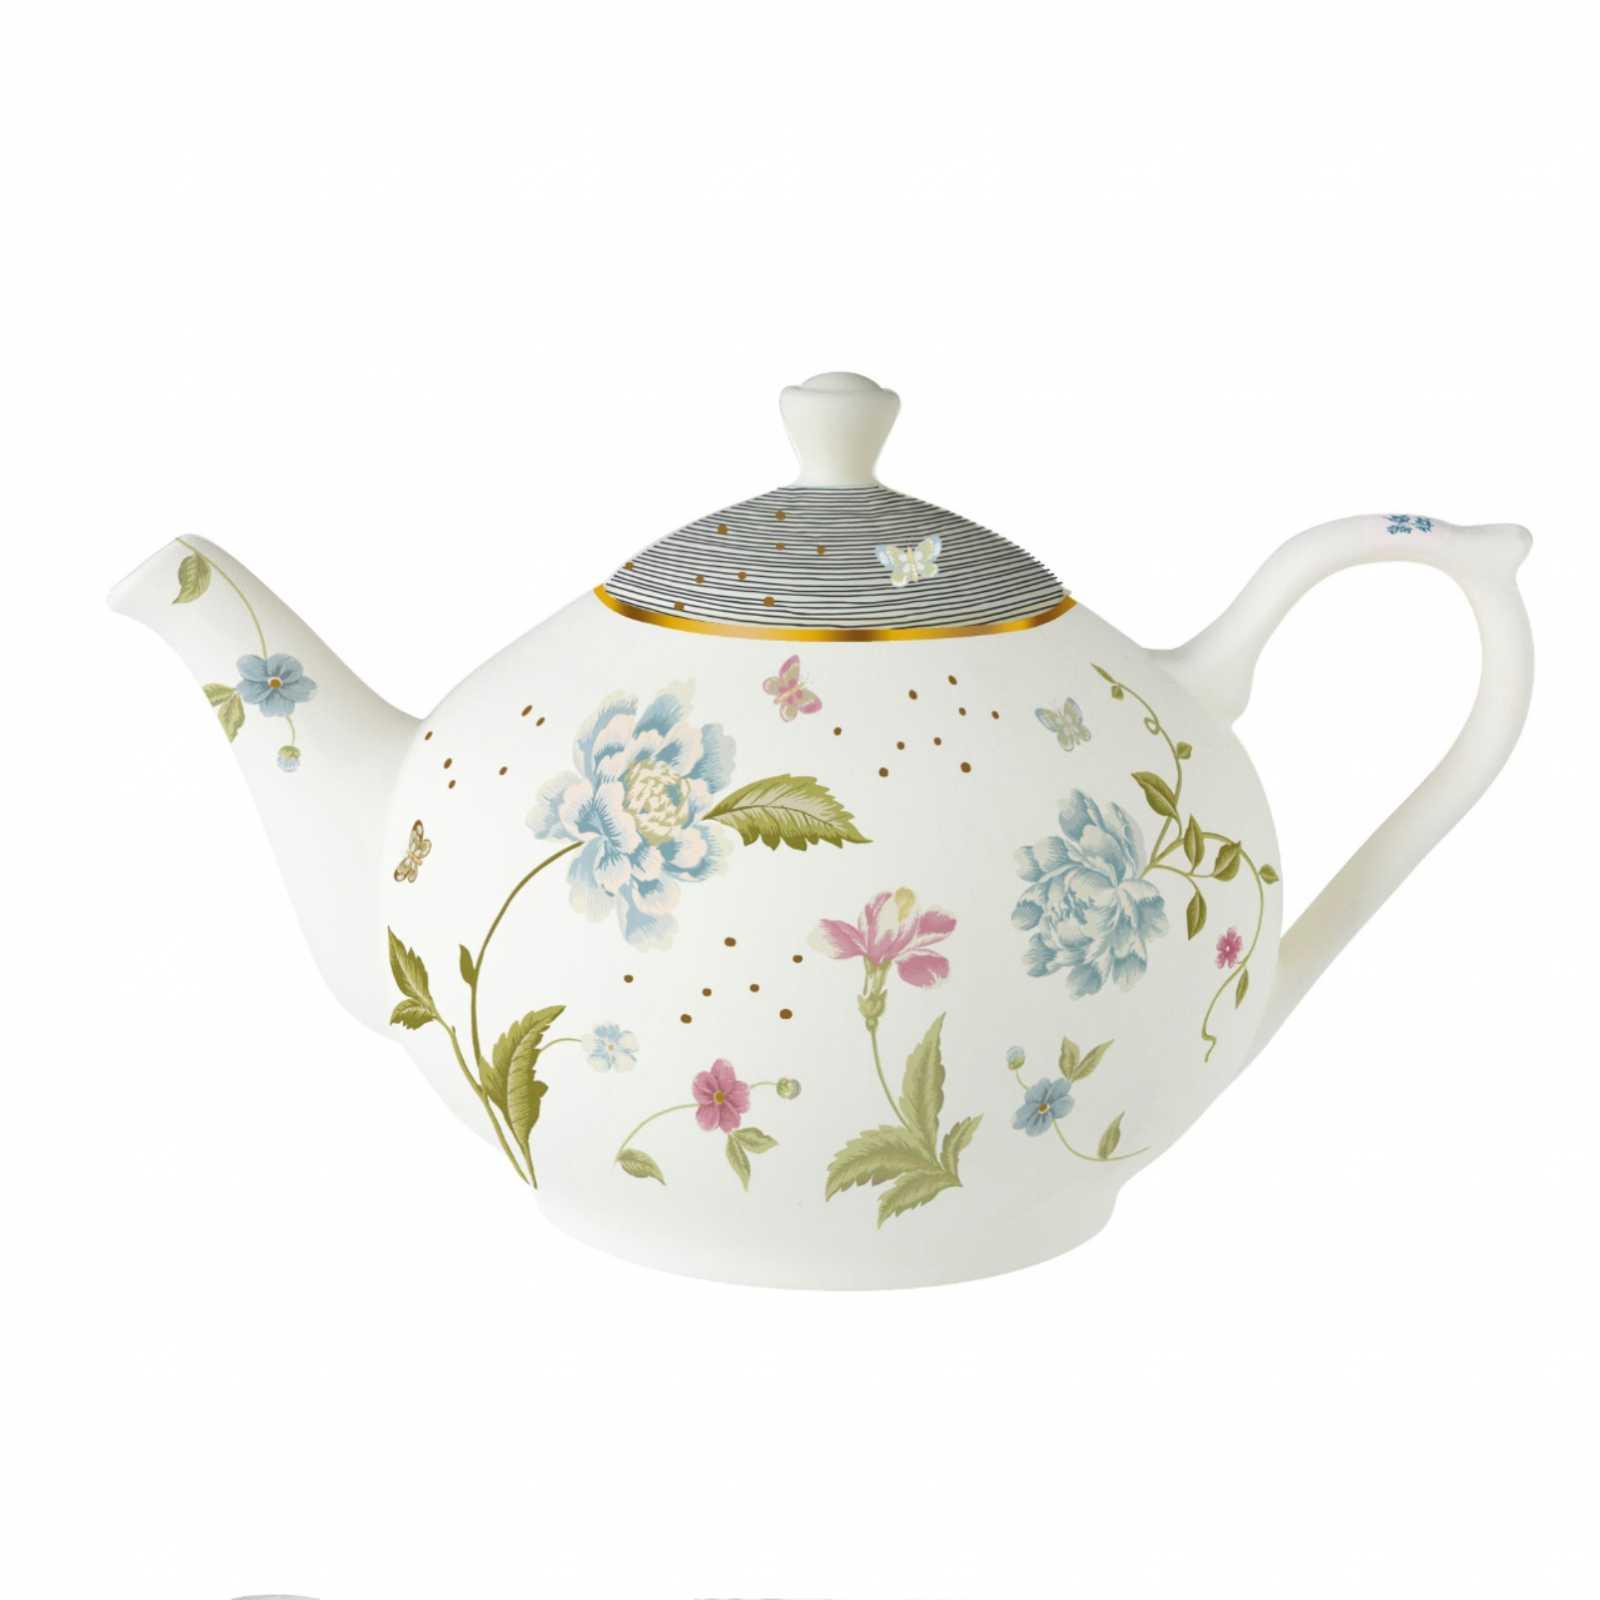 Онлайн каталог PROMENU: Чайник заварочный Laura Ashley HERITAGE, белый с цветами и бабочками                               180968